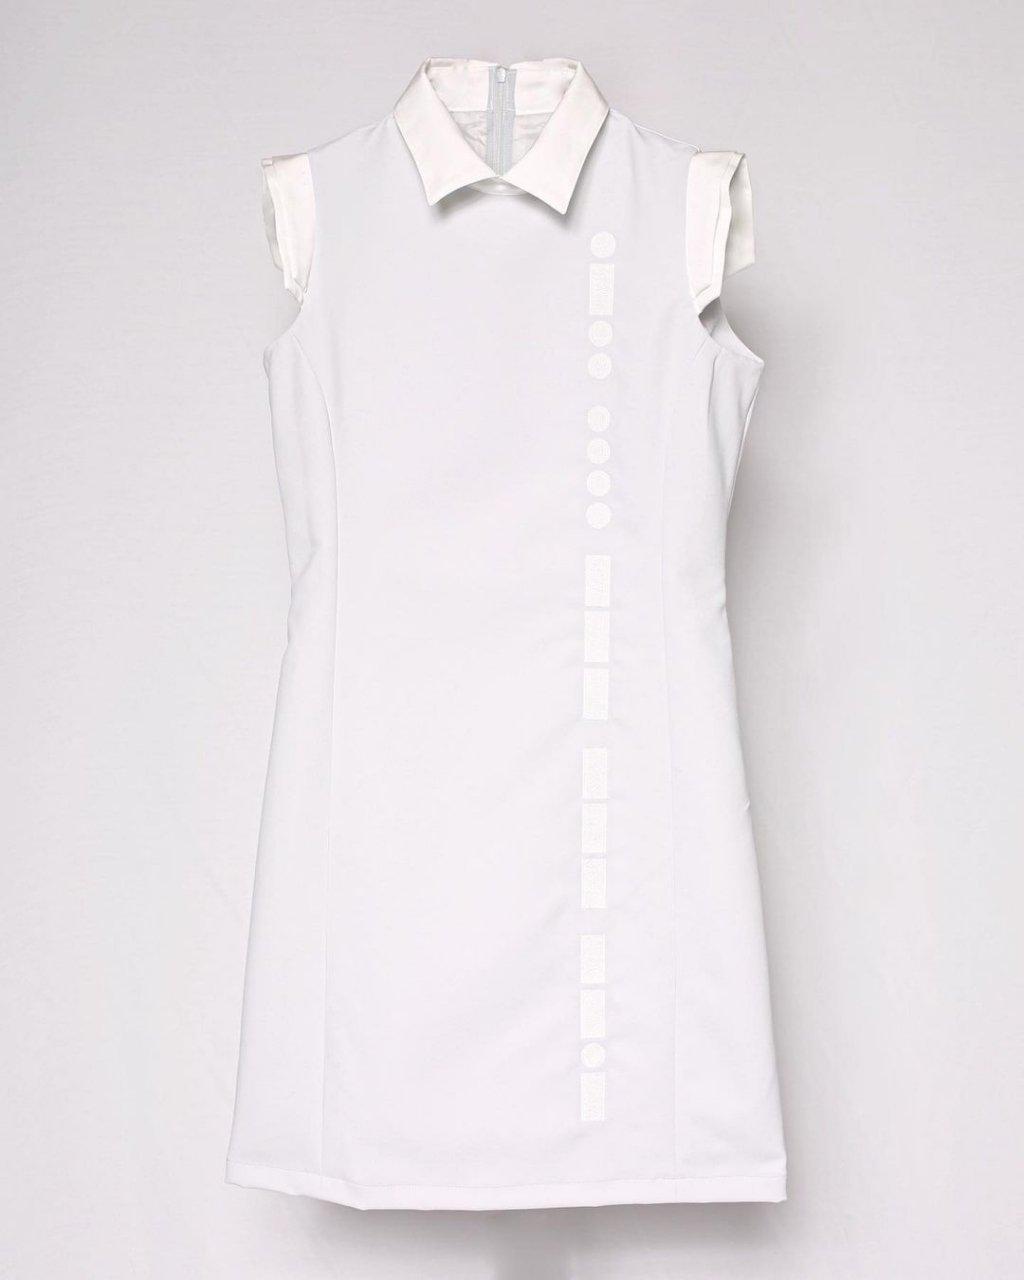 [ご予約]Morse code Dress (Light gray)[2021年3月お届け]